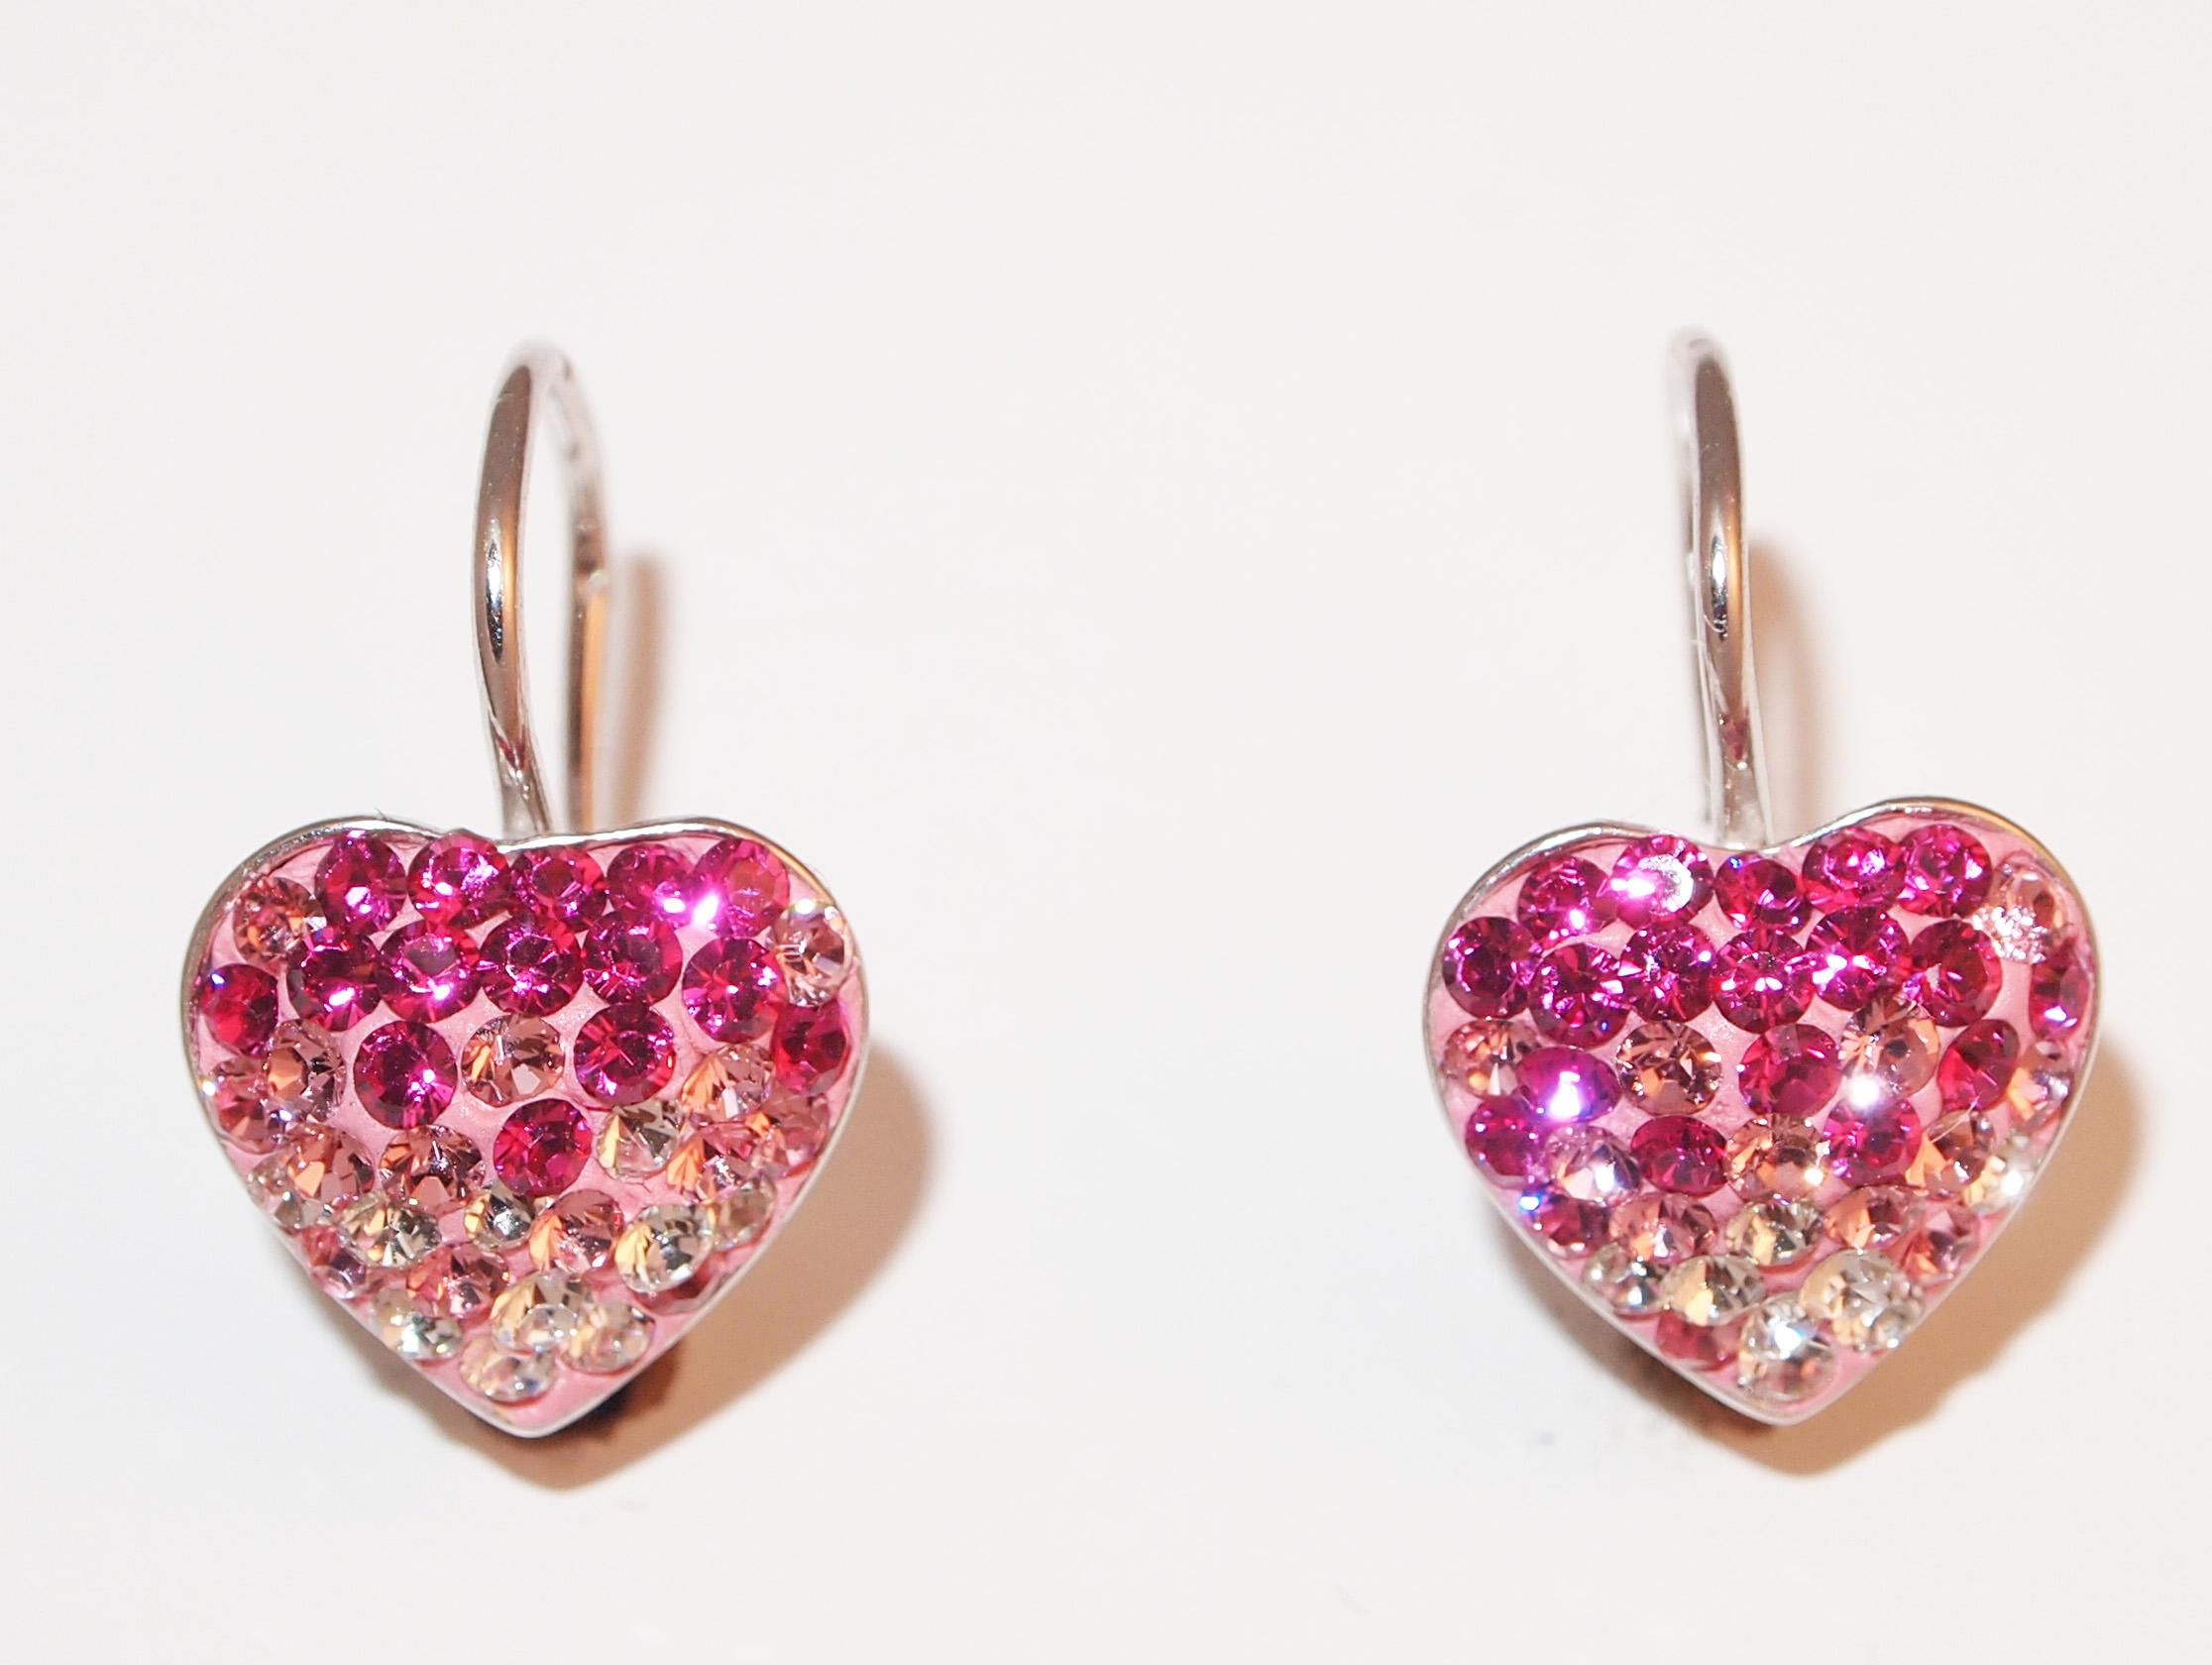 Stříbrné náušnice s krystaly Swarovski Romantic Heart B360113 e22ce1f9453